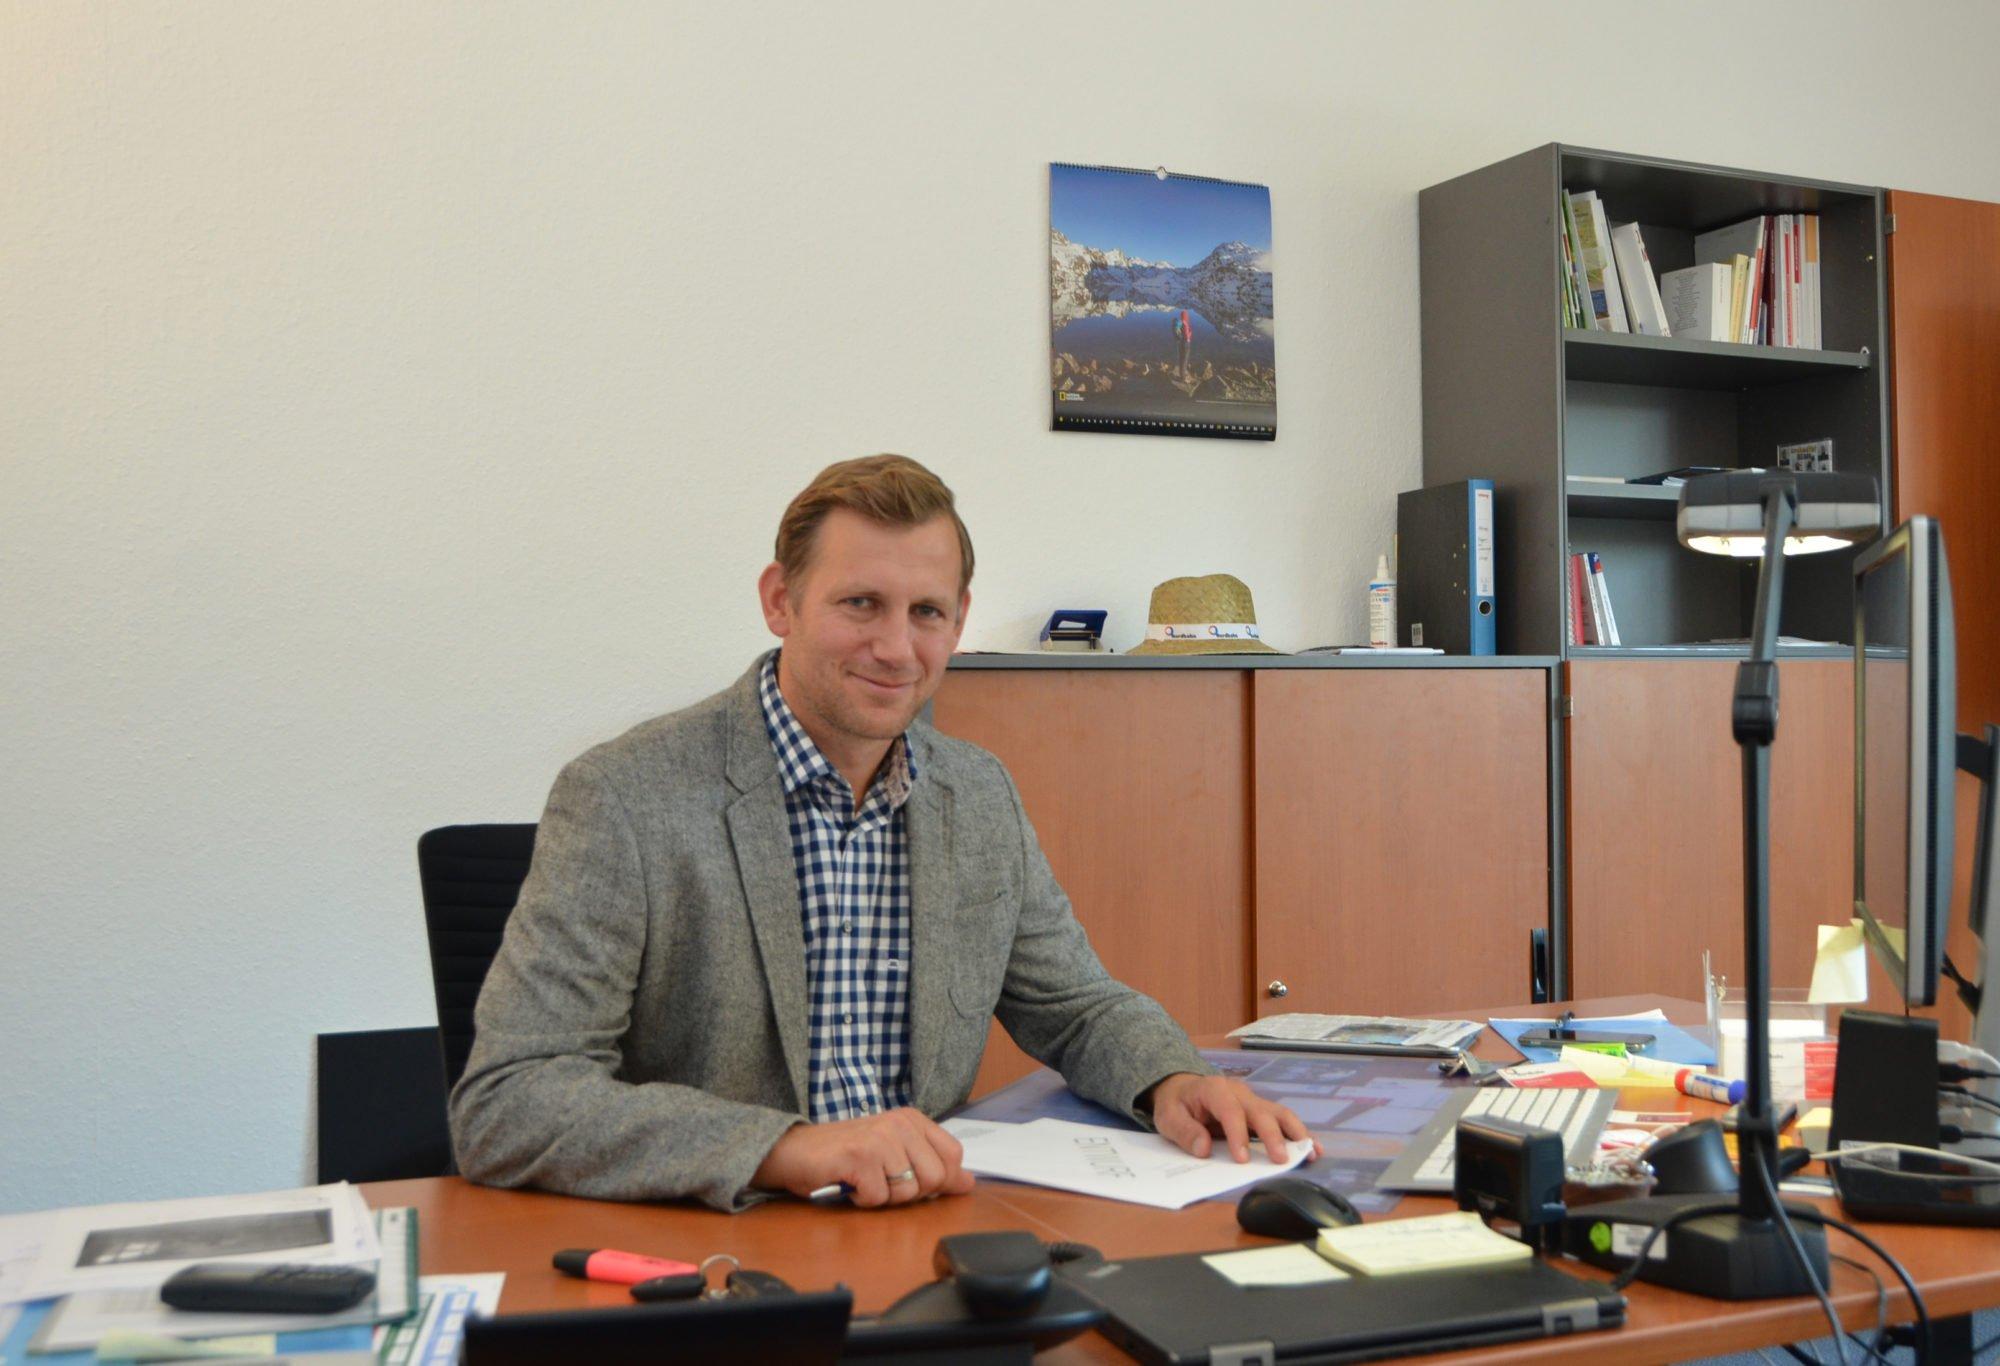 Micha Schaub sitzt an einem Schreibtisch und schaut lächelnd in die Kamera.